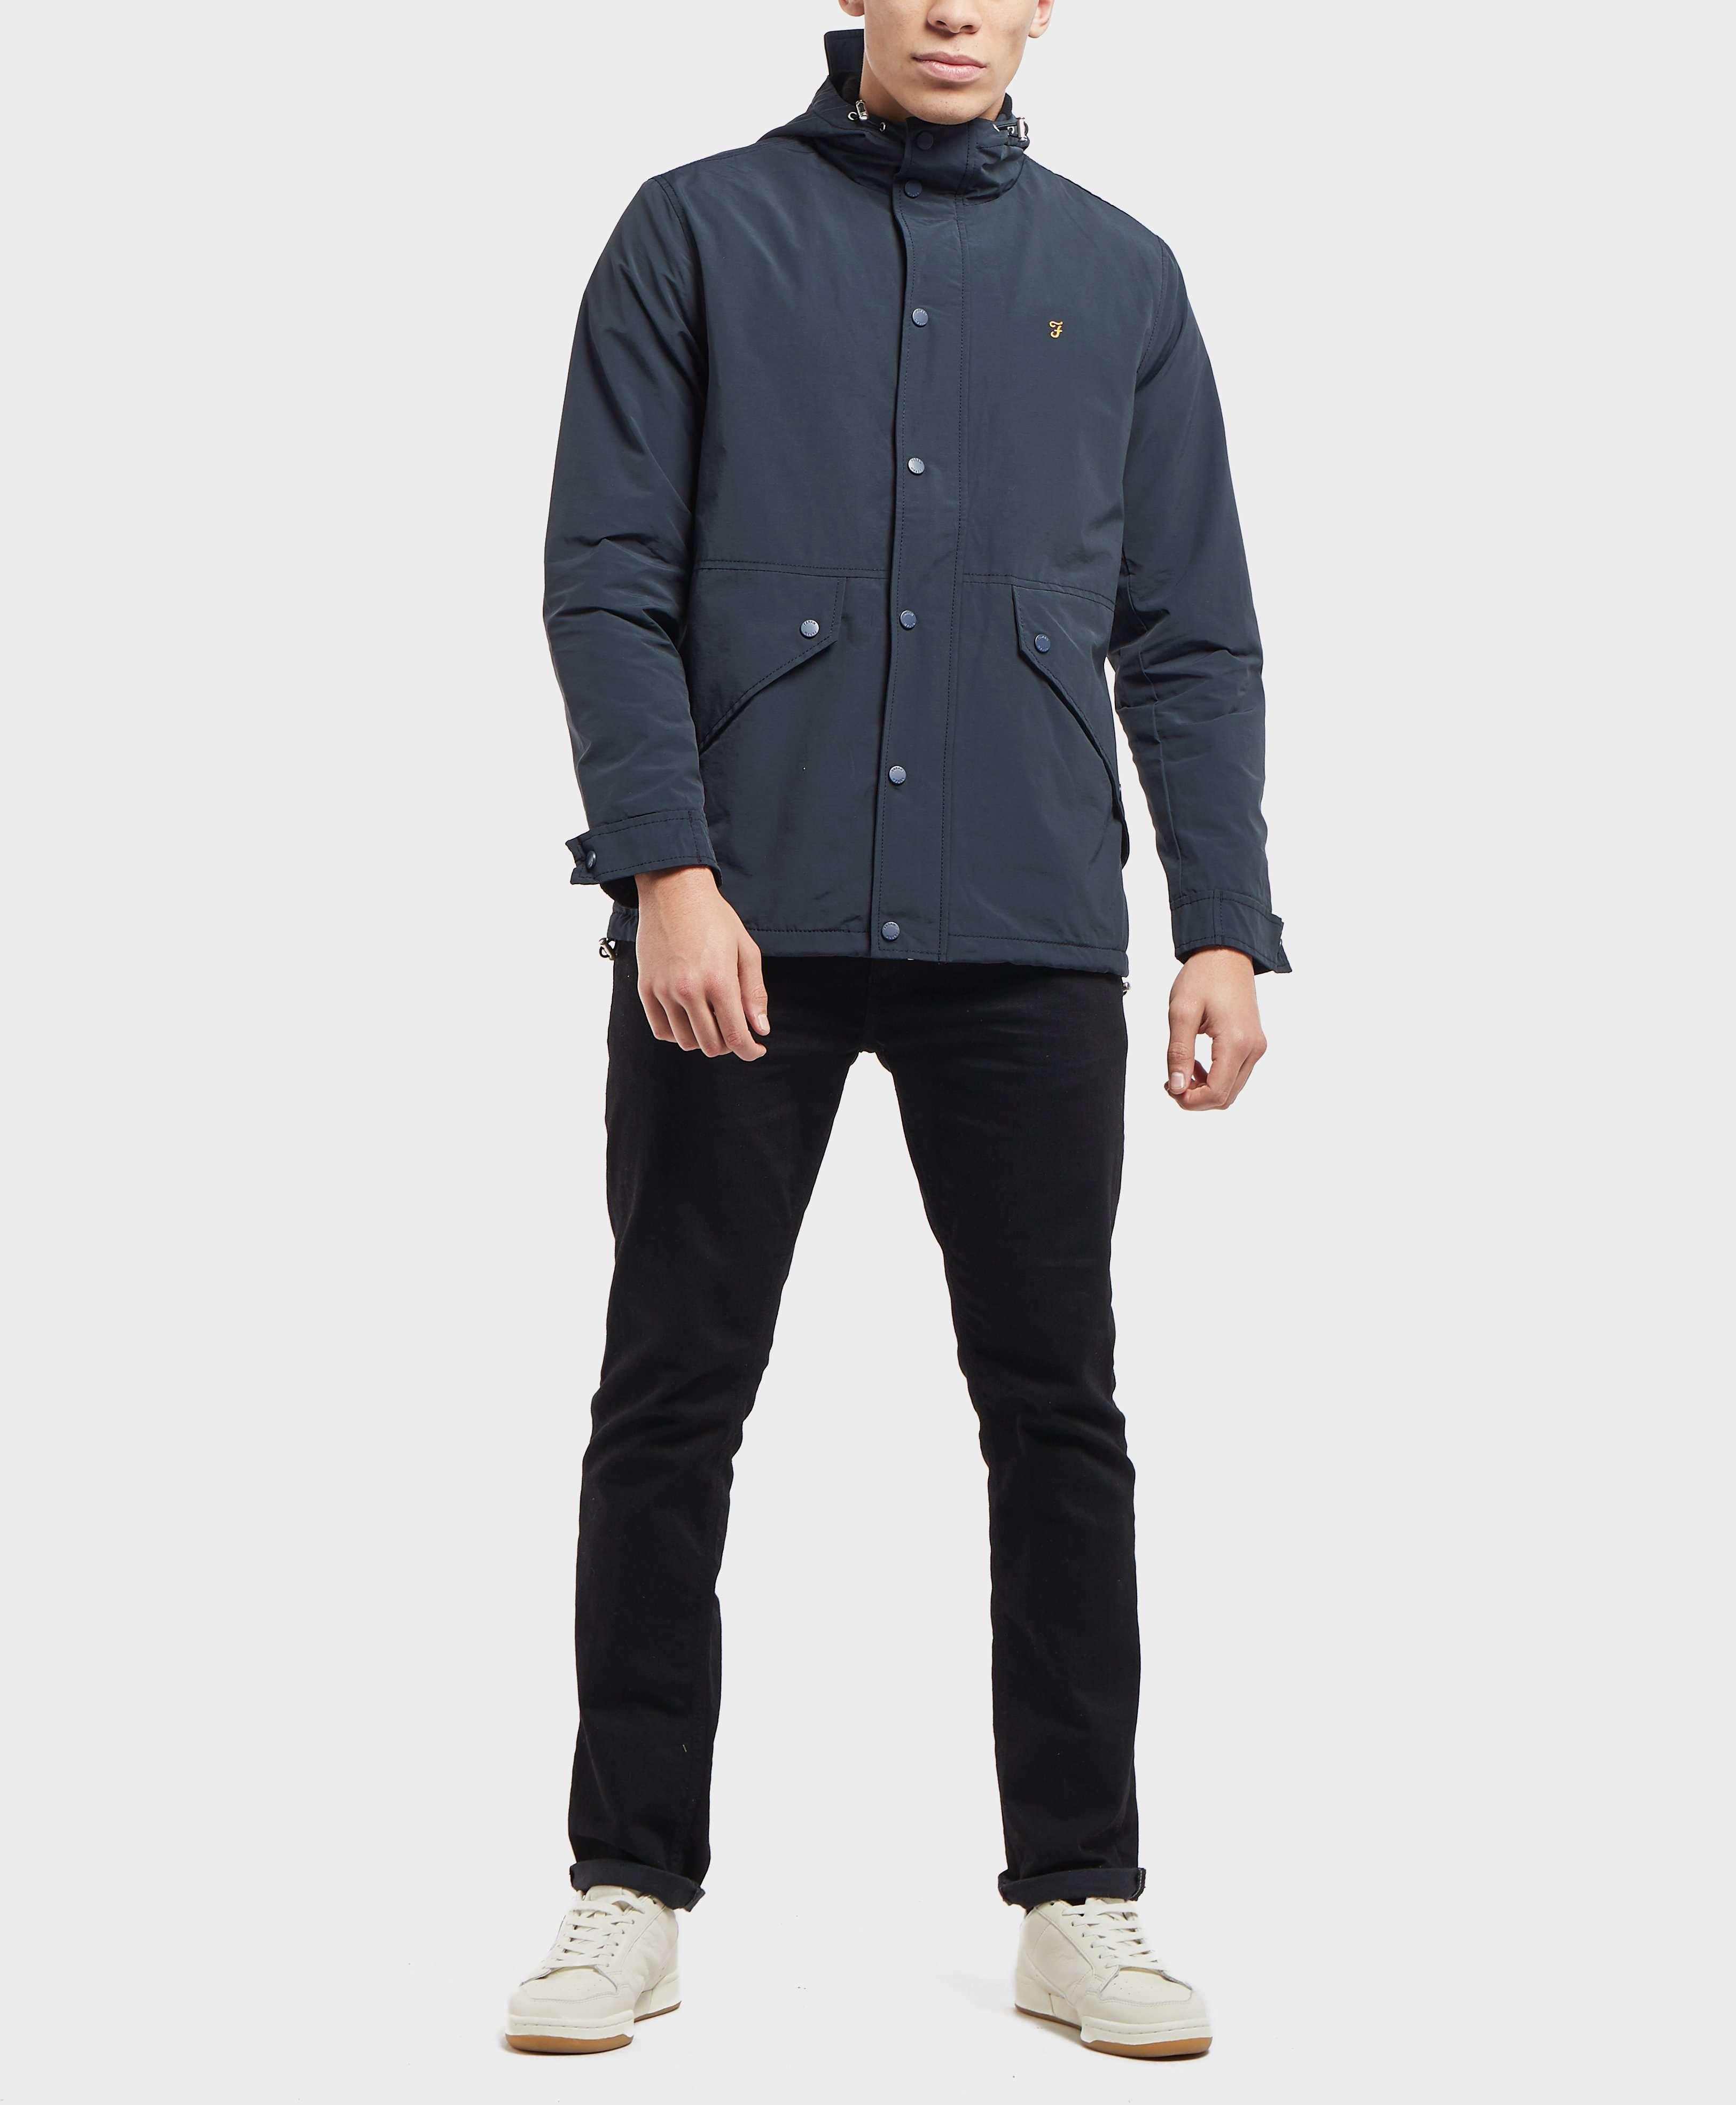 Farah Lightweight Pocket Parka Jacket - Online Exclusive